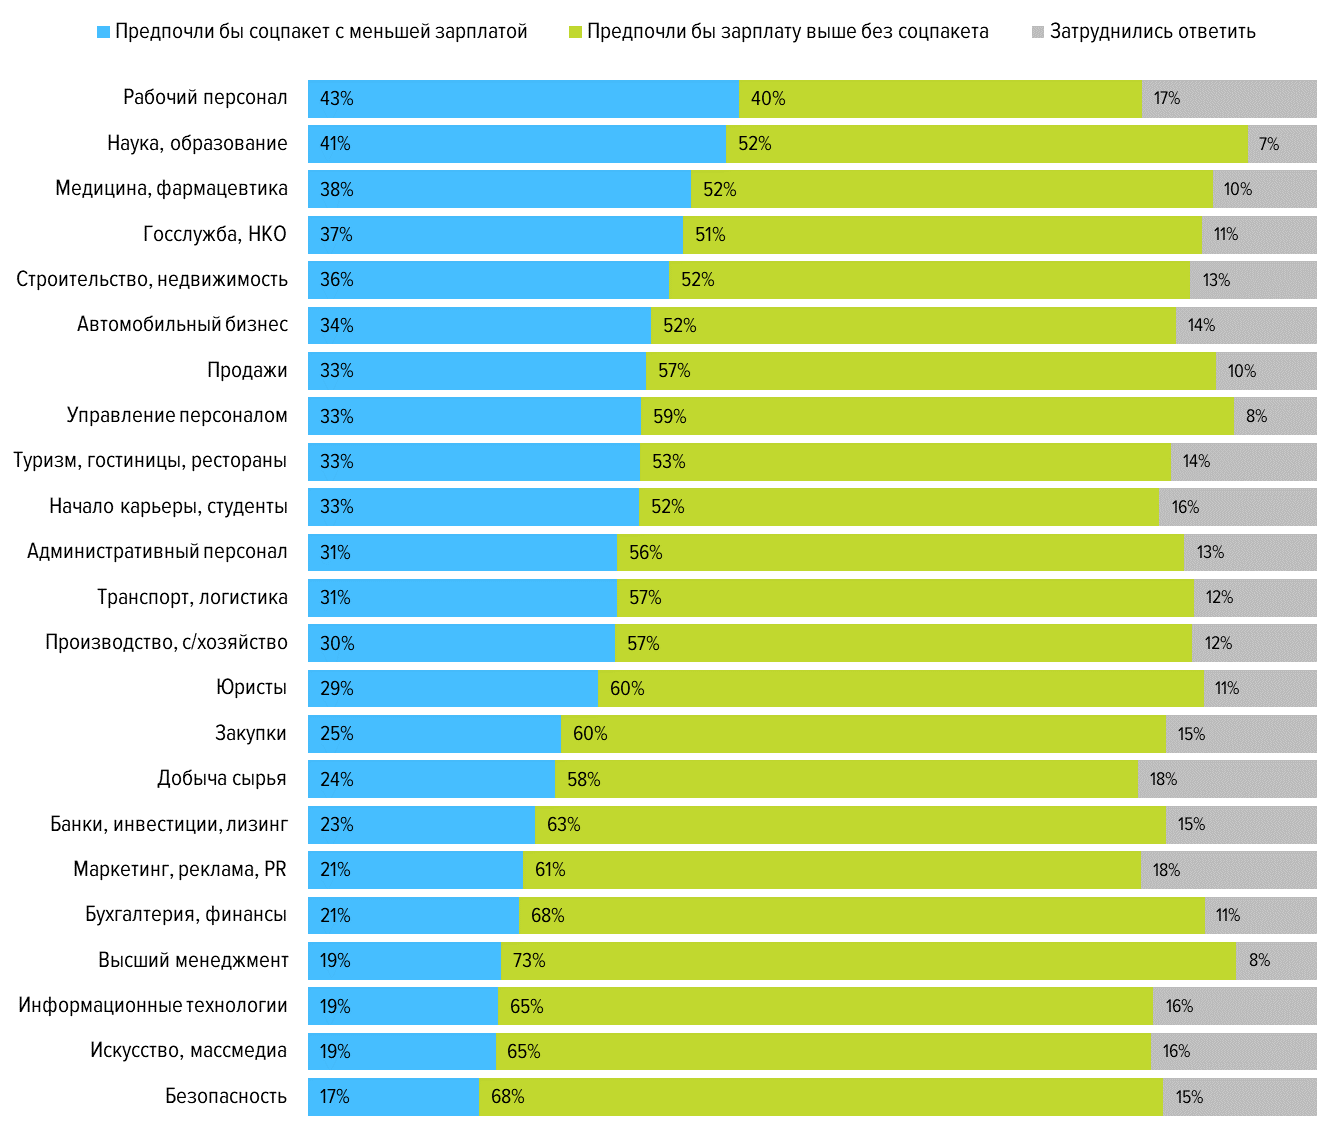 Насколько важен соцпакет при выборе нового места работы?